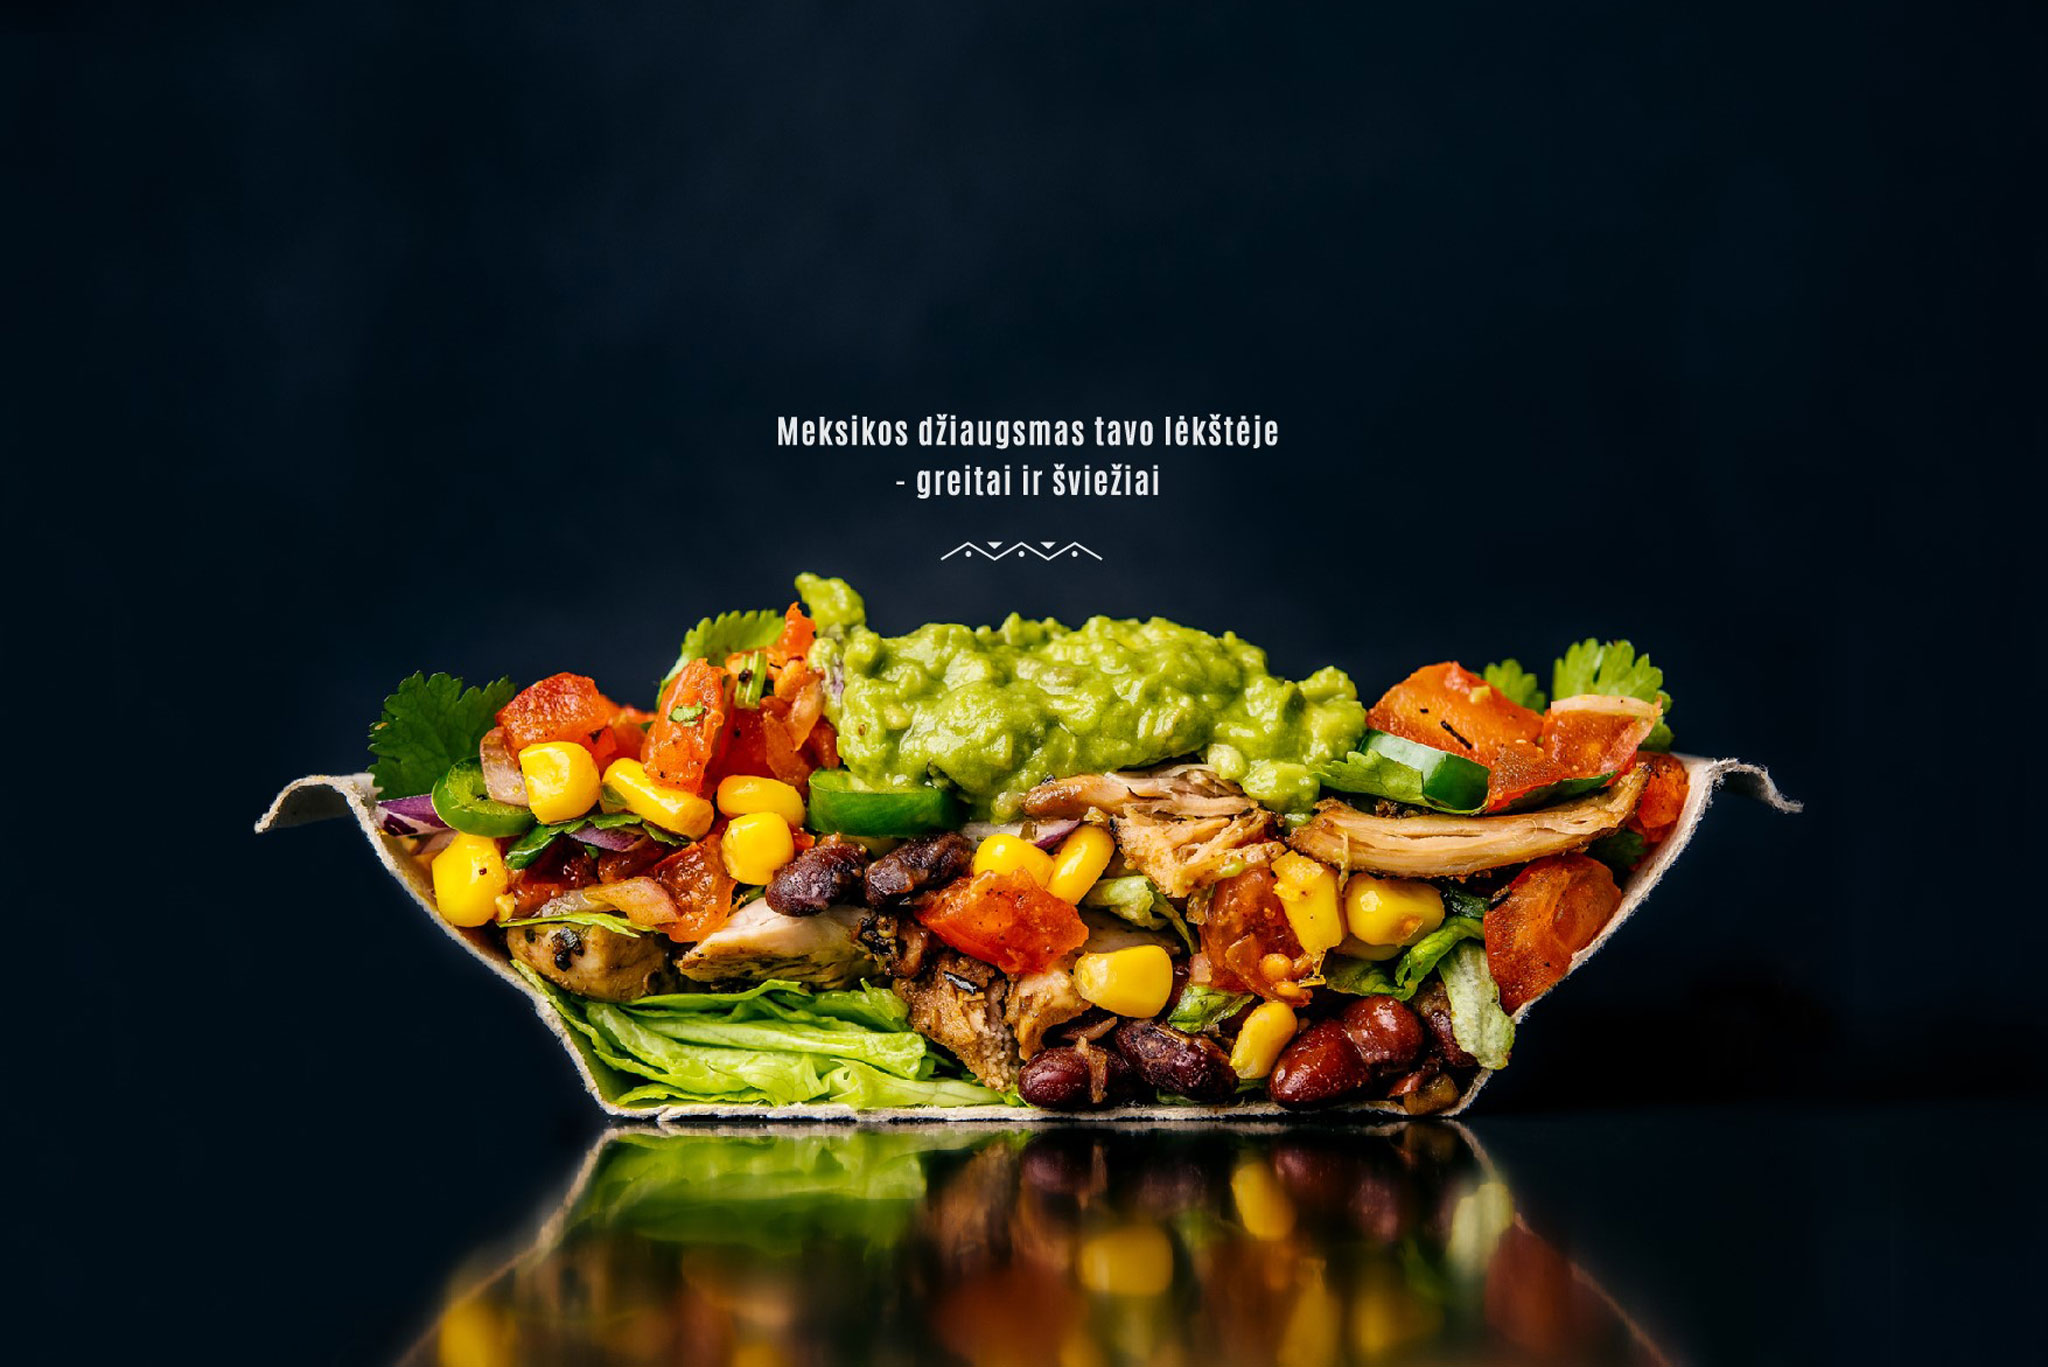 meksikietiskas maistas Vilnius